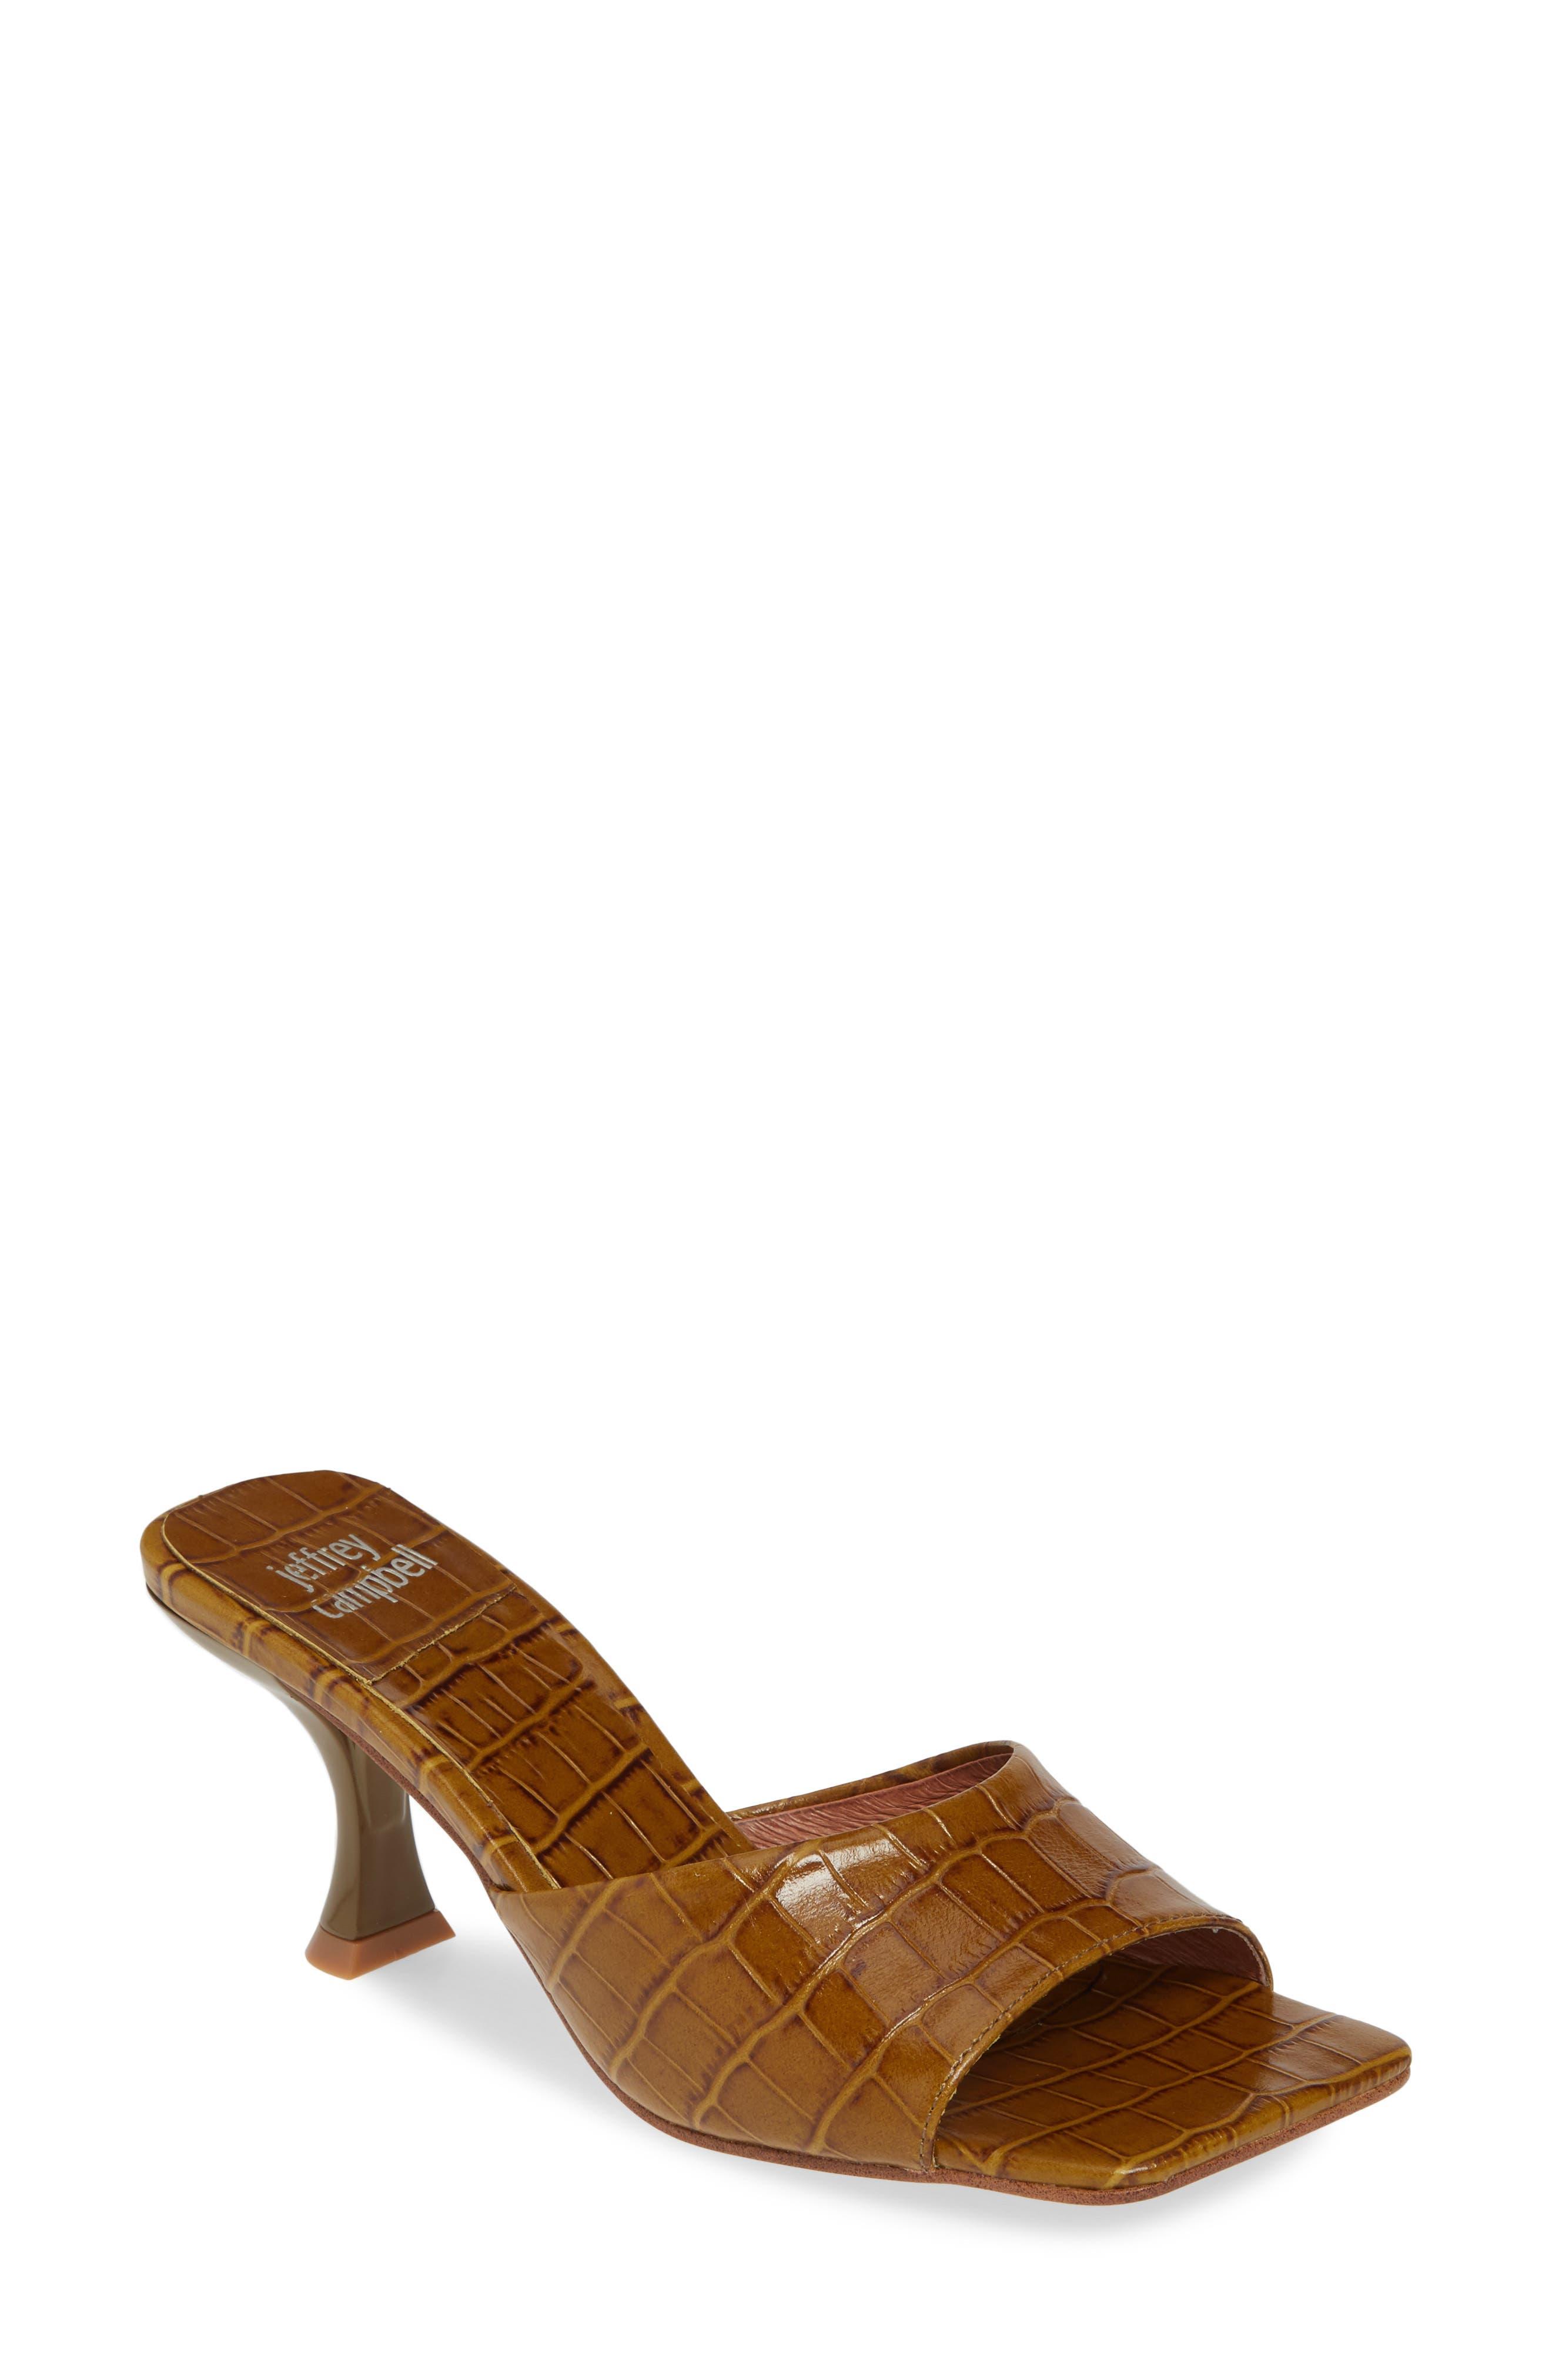 JEFFREY CAMPBELL Mr-Big Slide Sandal, Main, color, 250